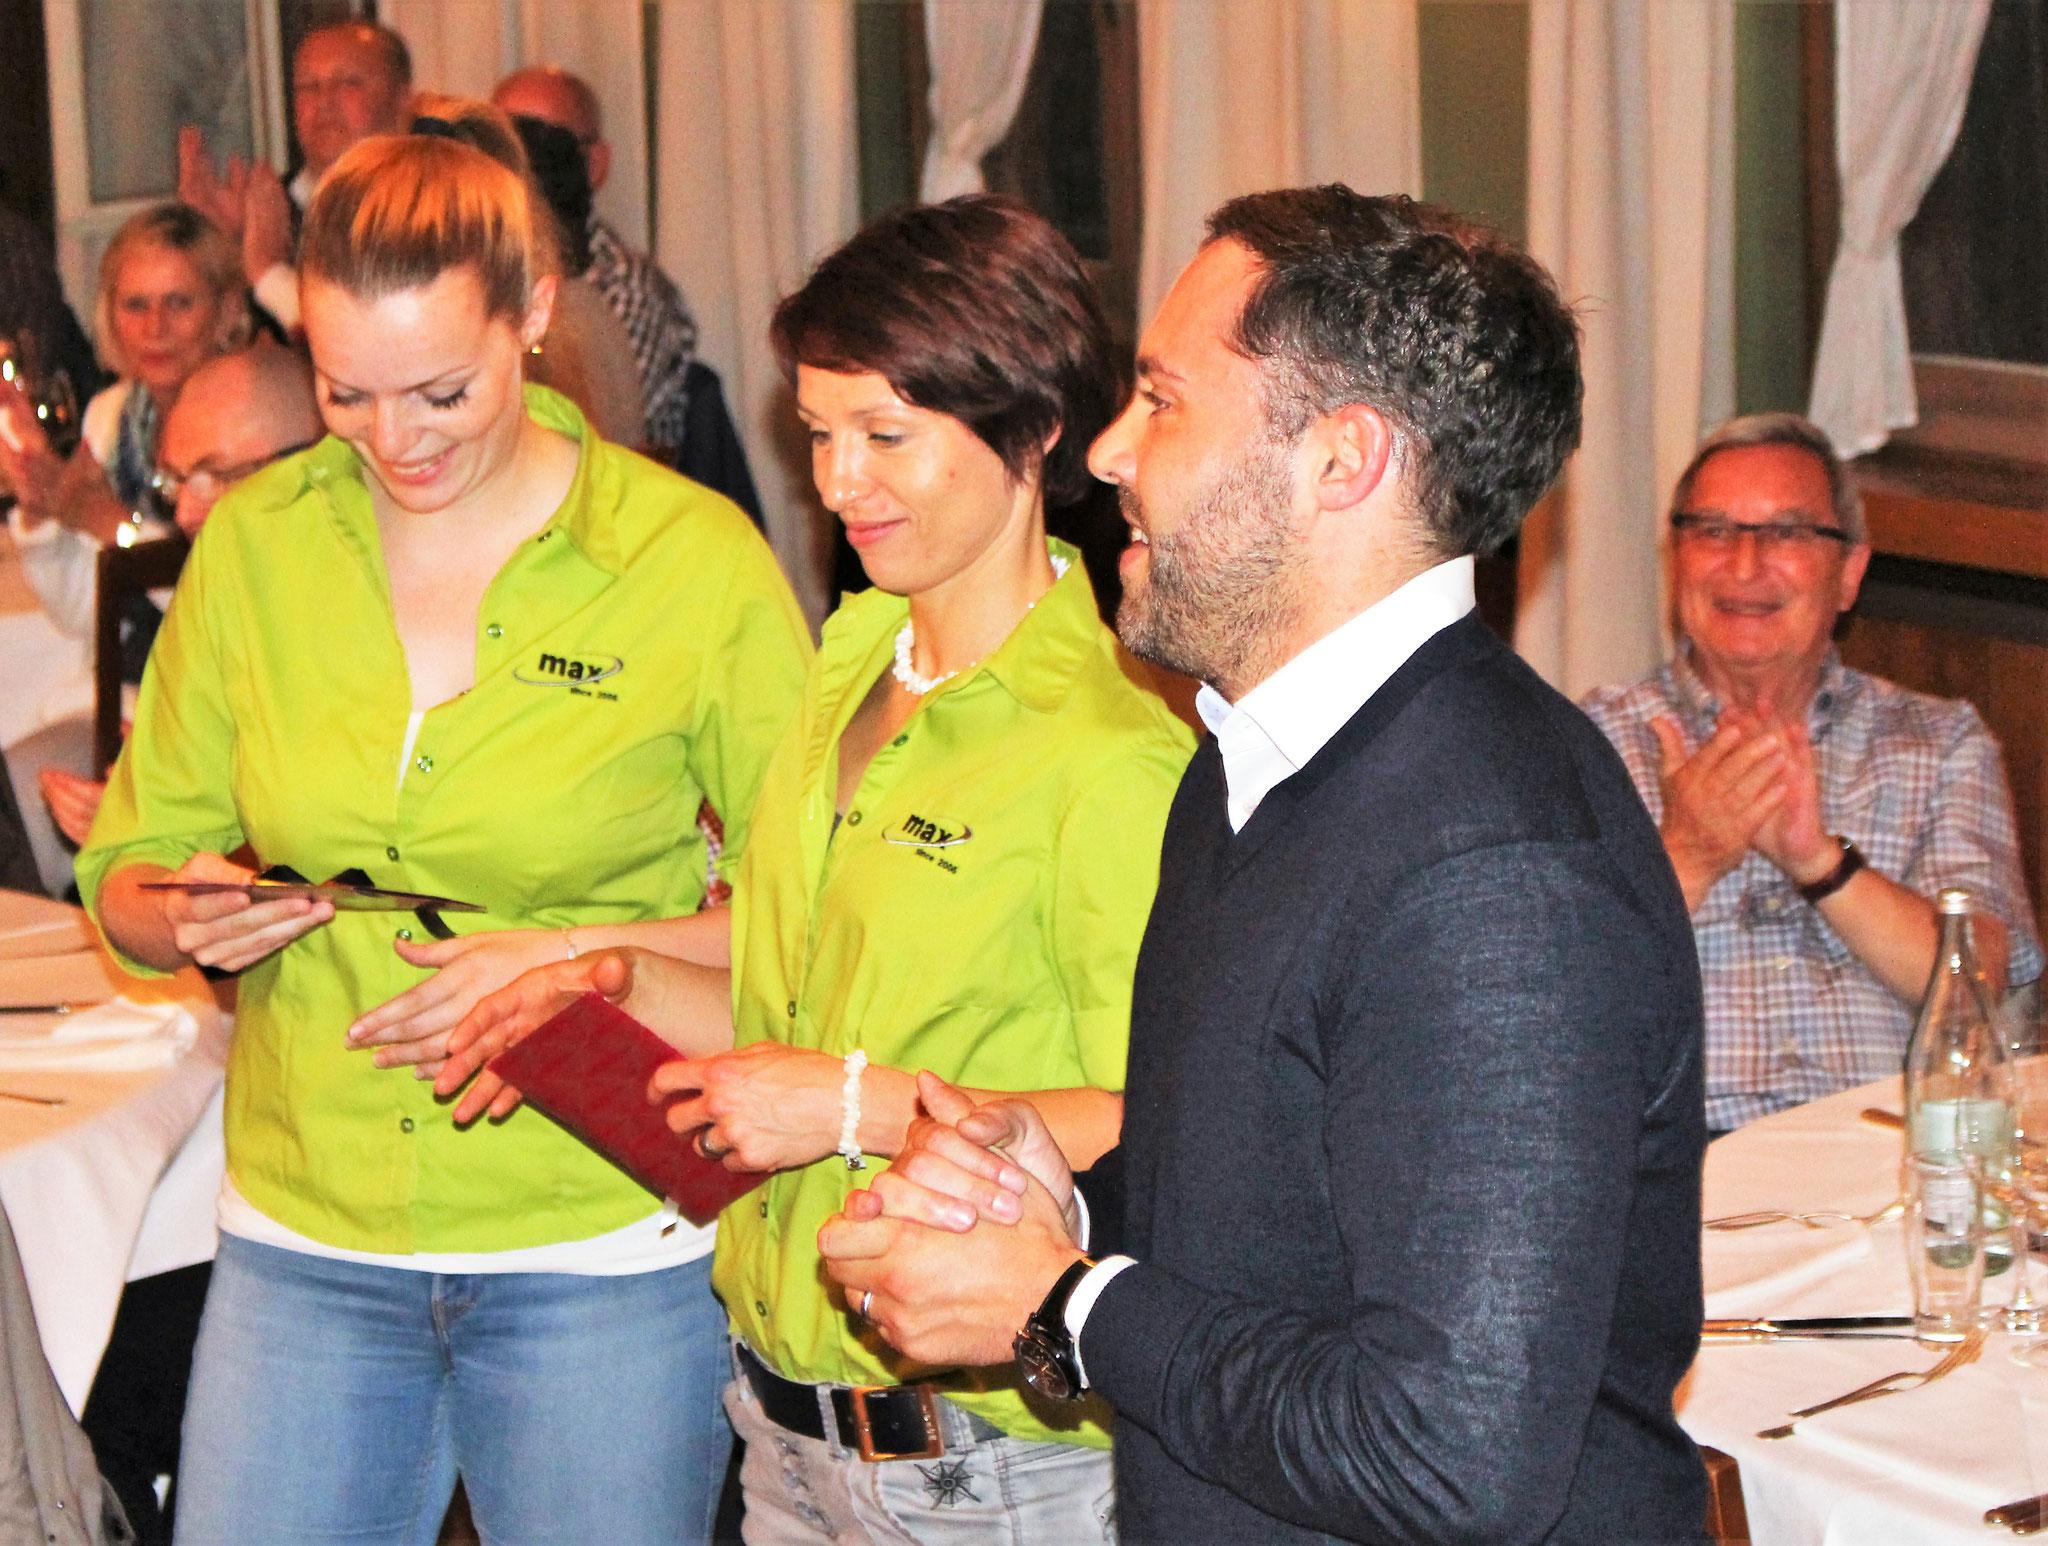 Gian Kämpf, Vorstandsmitglied Donnerstag Club Oberaargau und Geschäftsführer SC Langenthal, beschenkt zwei Spezialistinnen des Langenthaler Fitness-Teams Max.